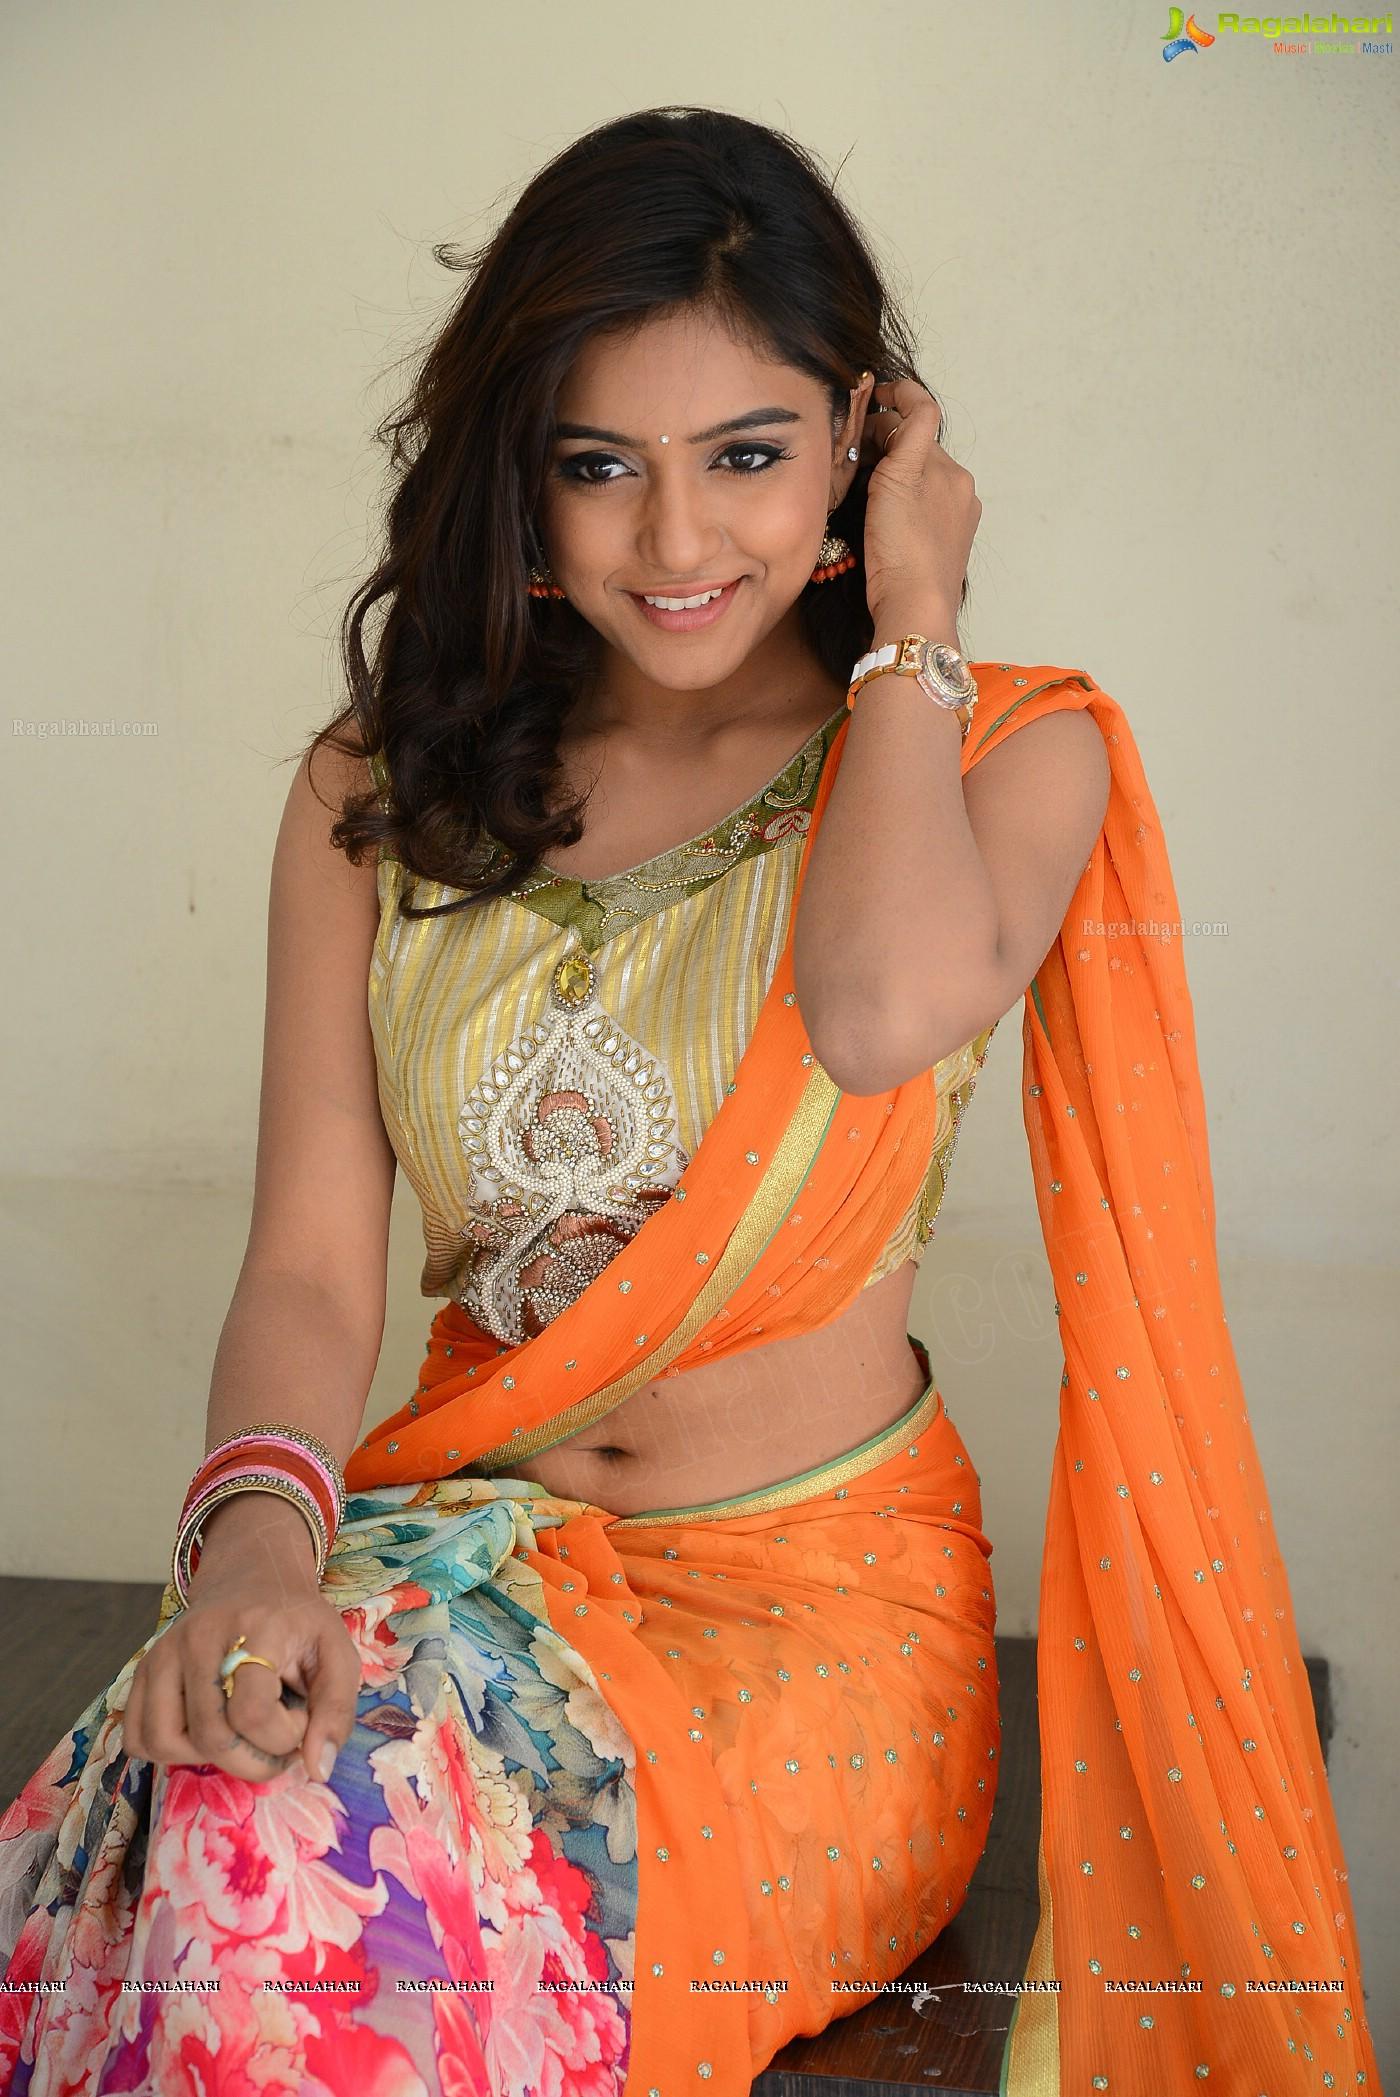 Vithika Sheru Vithika Sheru new photo